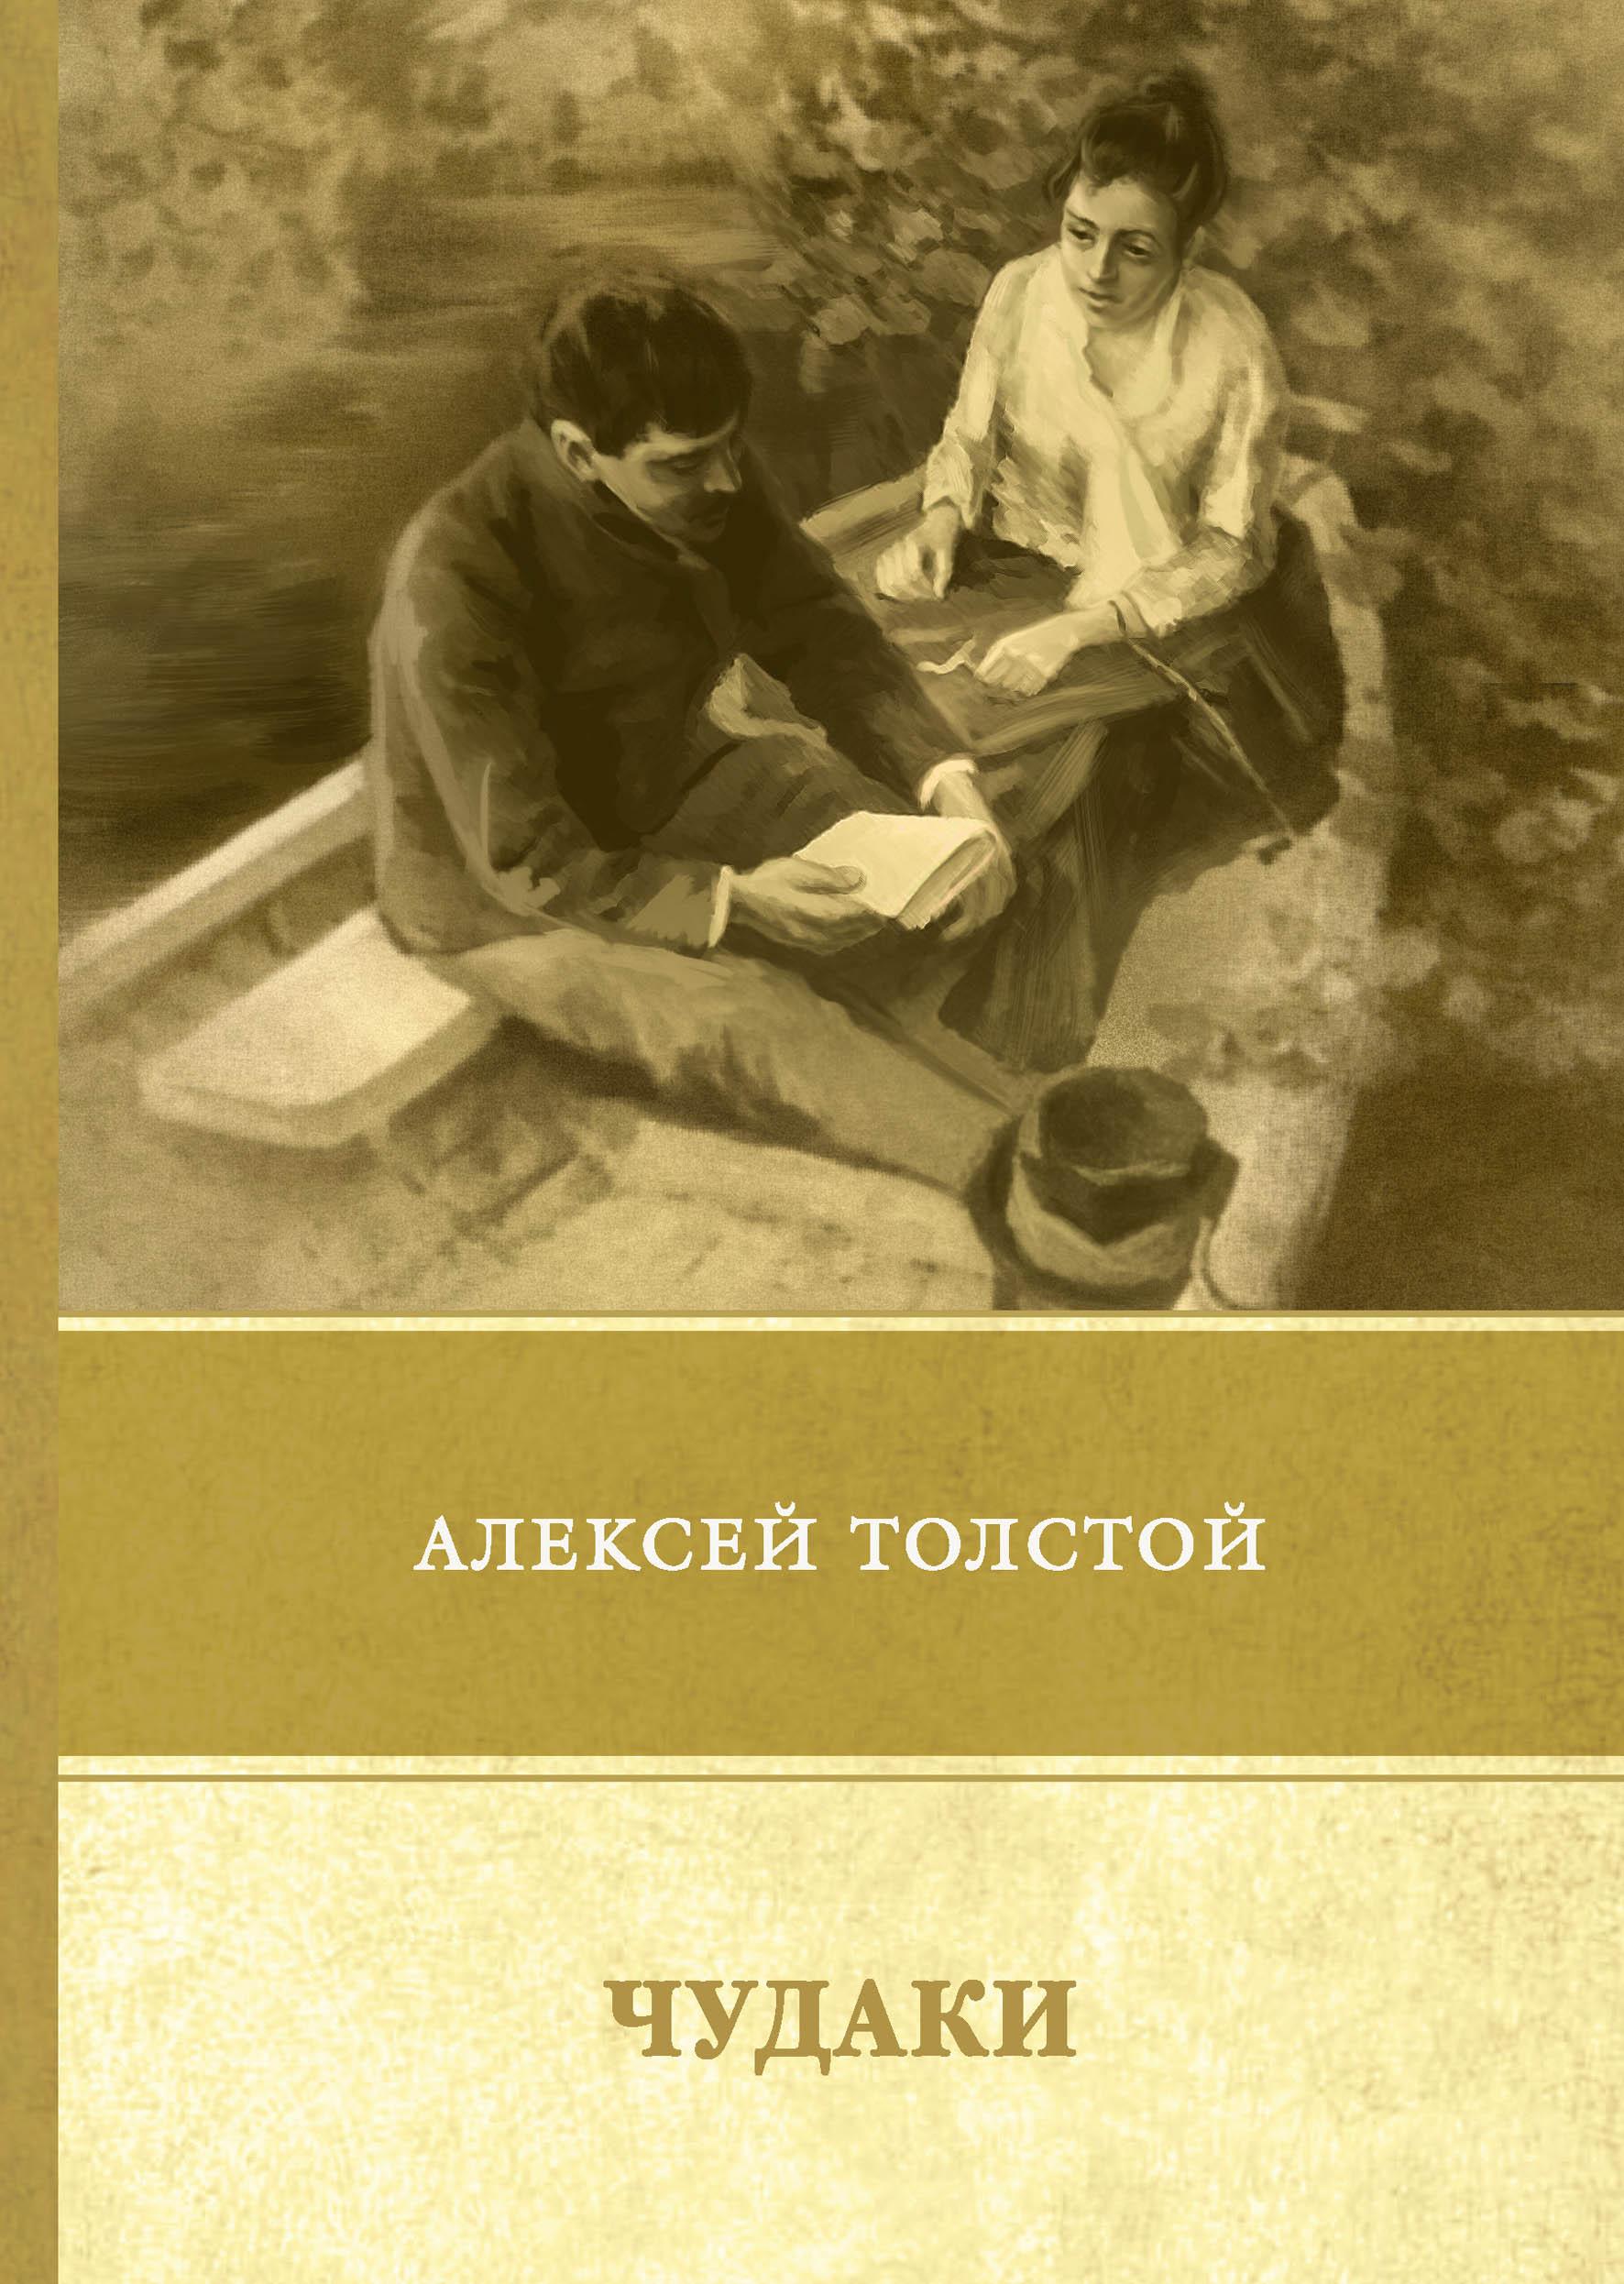 Чудаки. Повести и рассказы. 1917-1924. Алексей Толстой